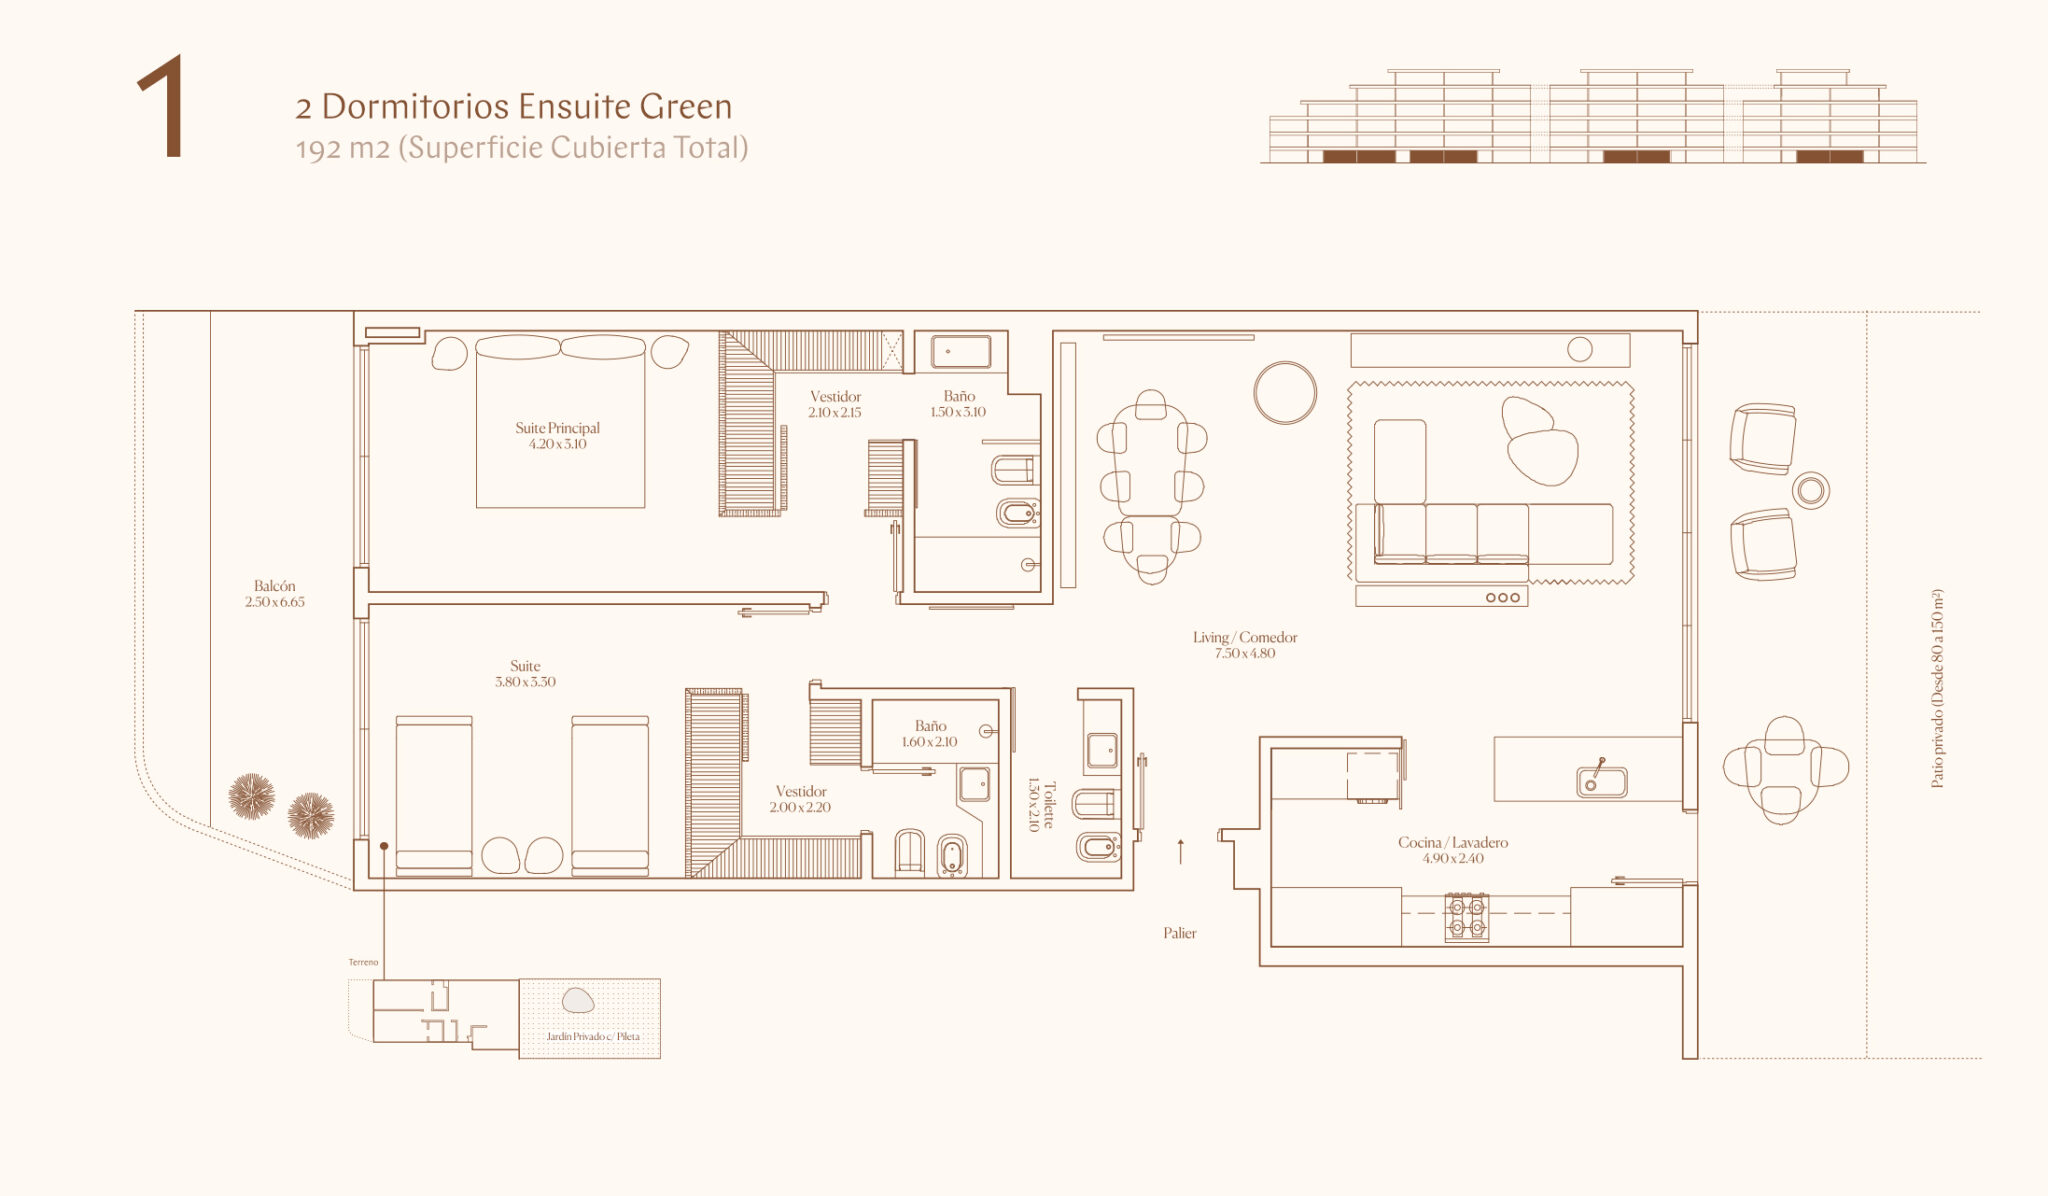 2 Dormitorios Ensuite Green